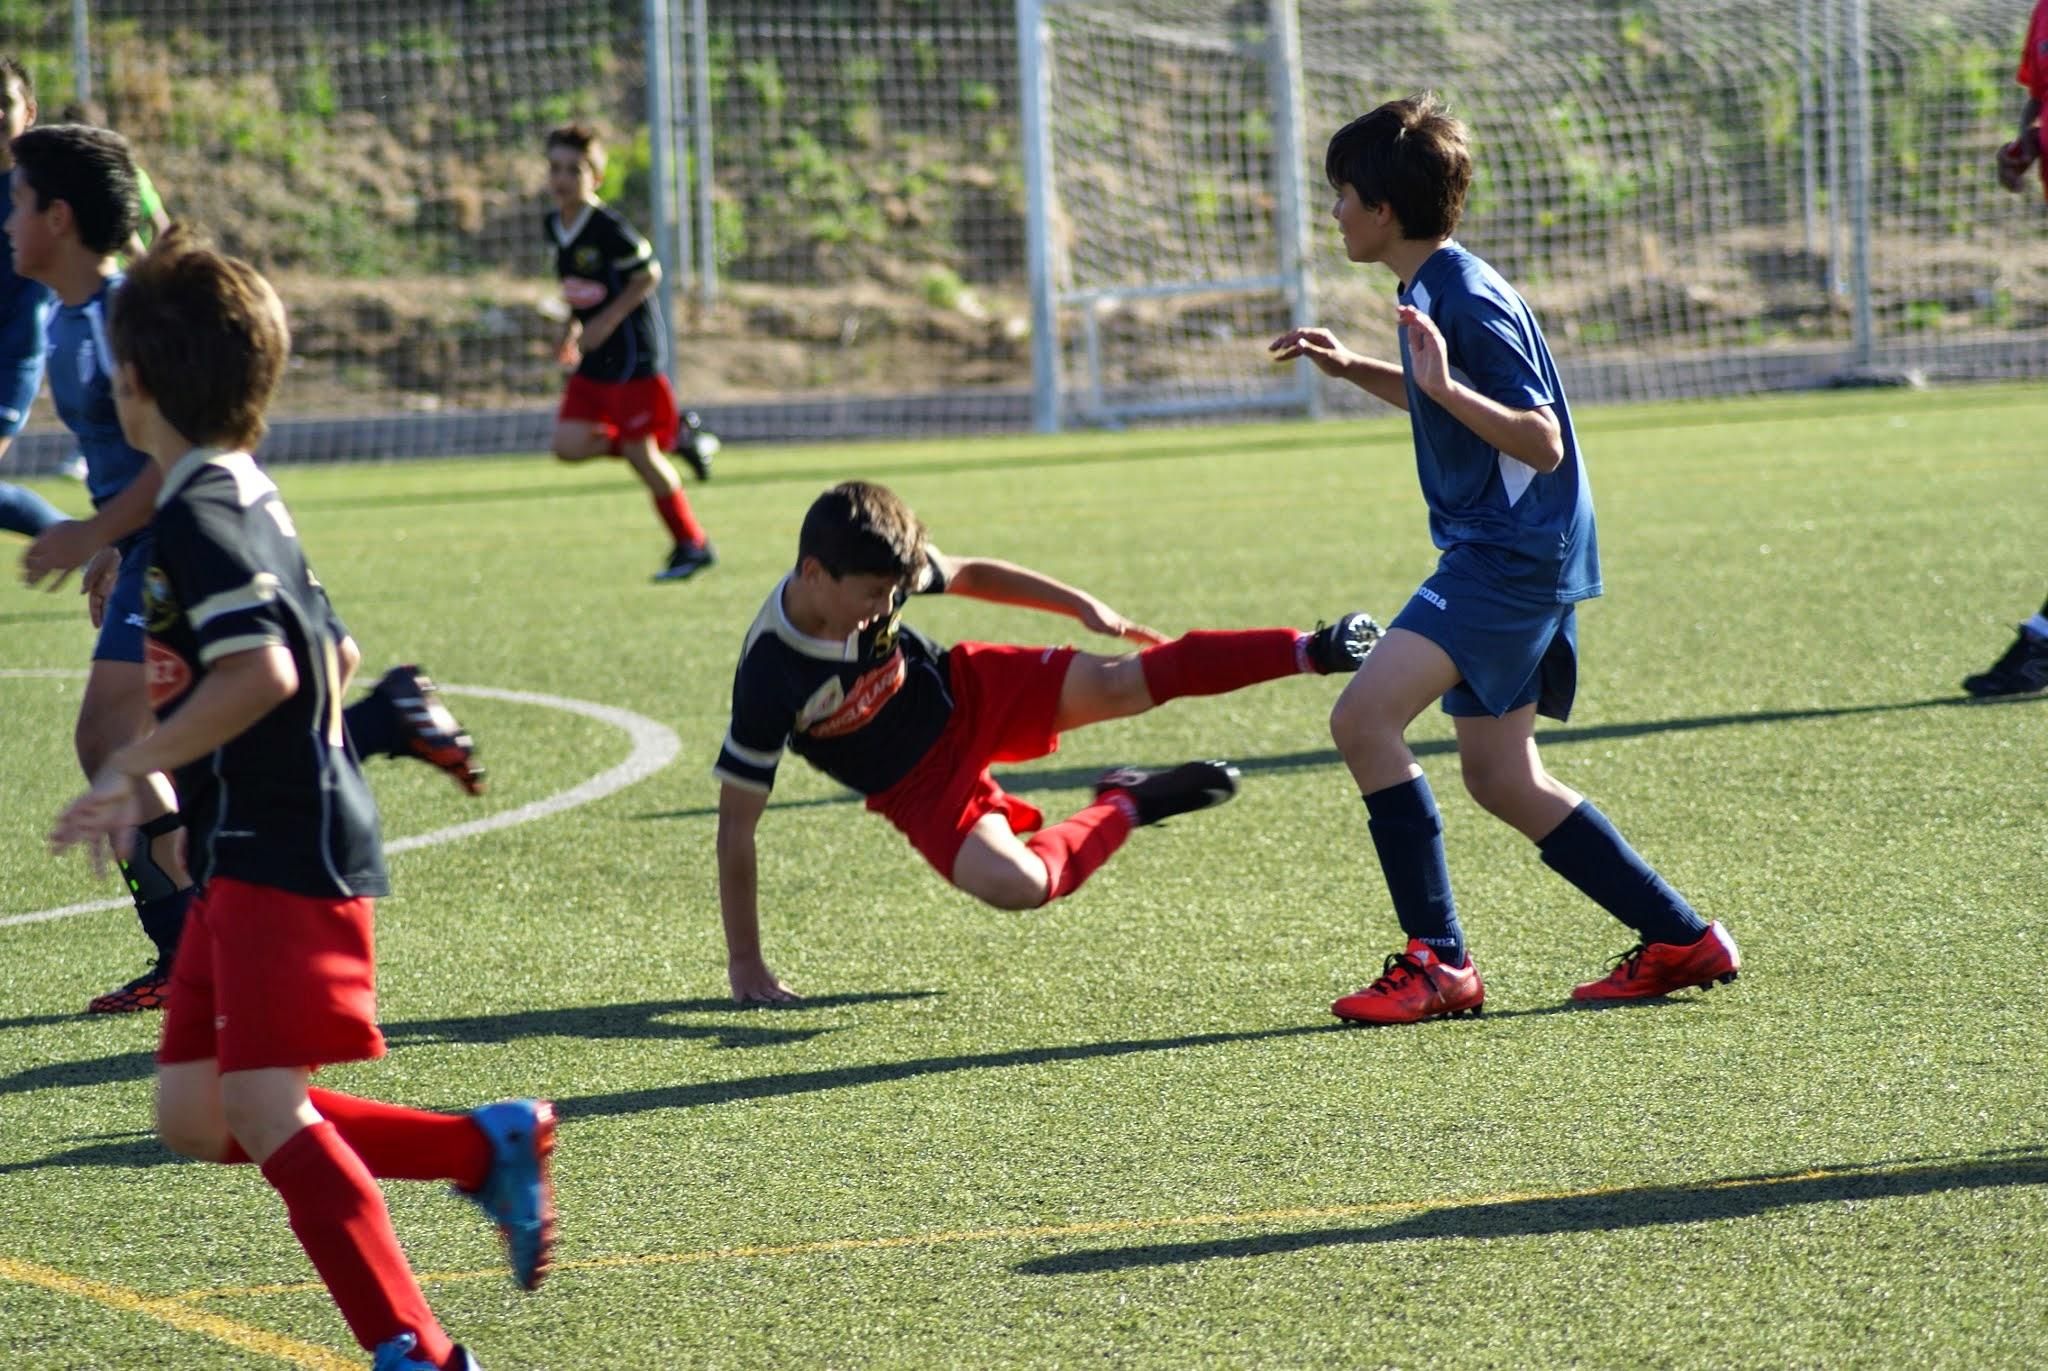 Crónica y fotos del AD Sporting de Hortaleza D 2 – 3 EDM Alevín C